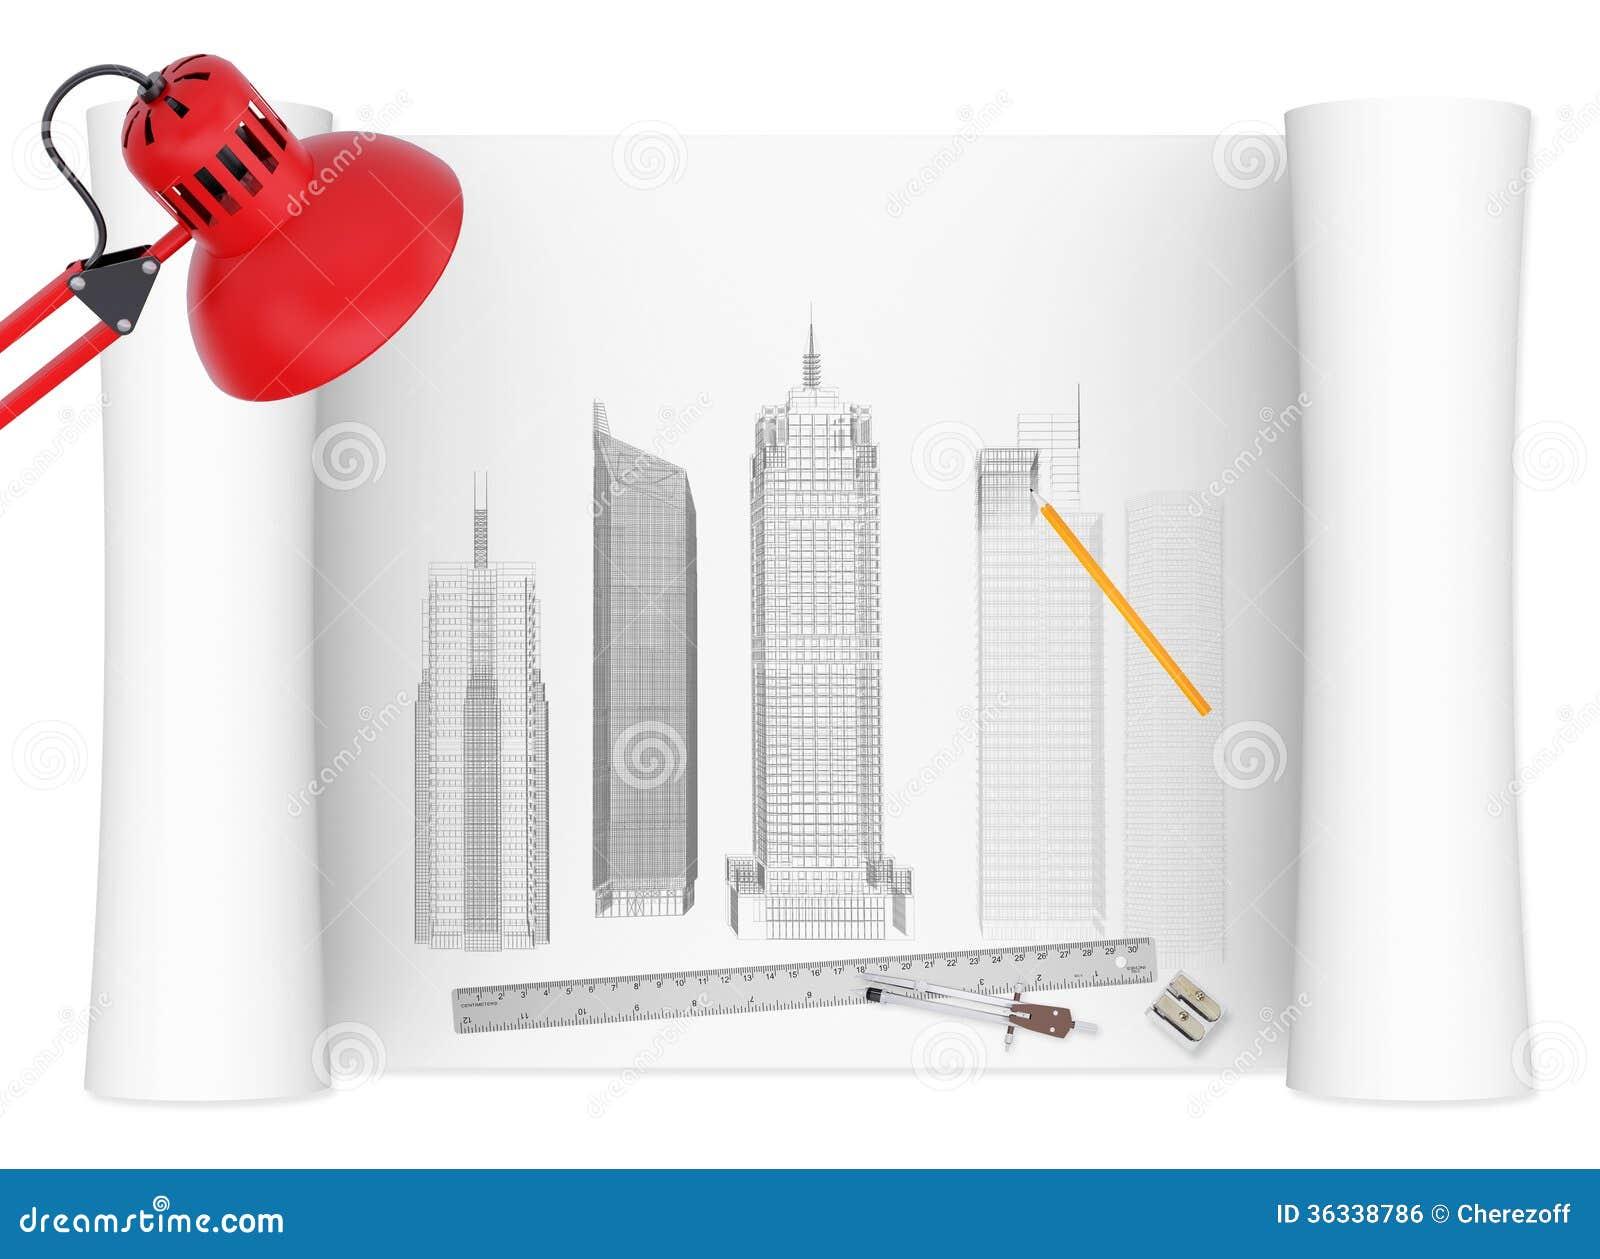 Desktop van architect